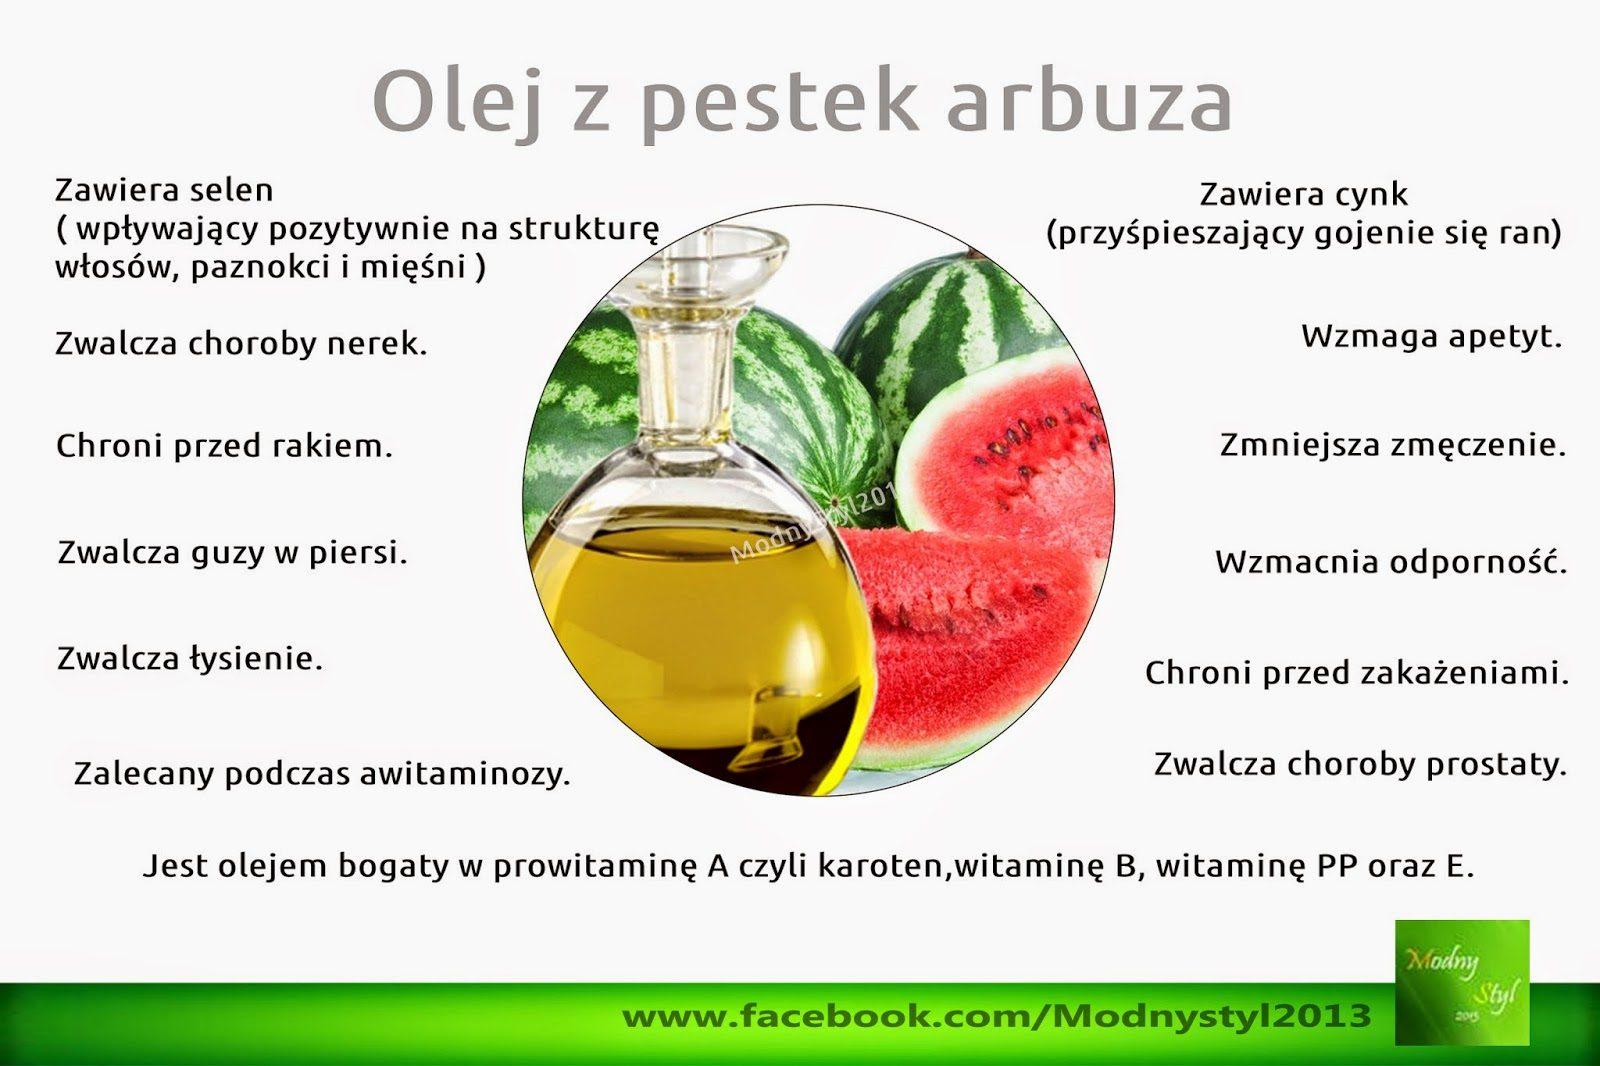 olej2bz2bpestek2barbuza-1233884